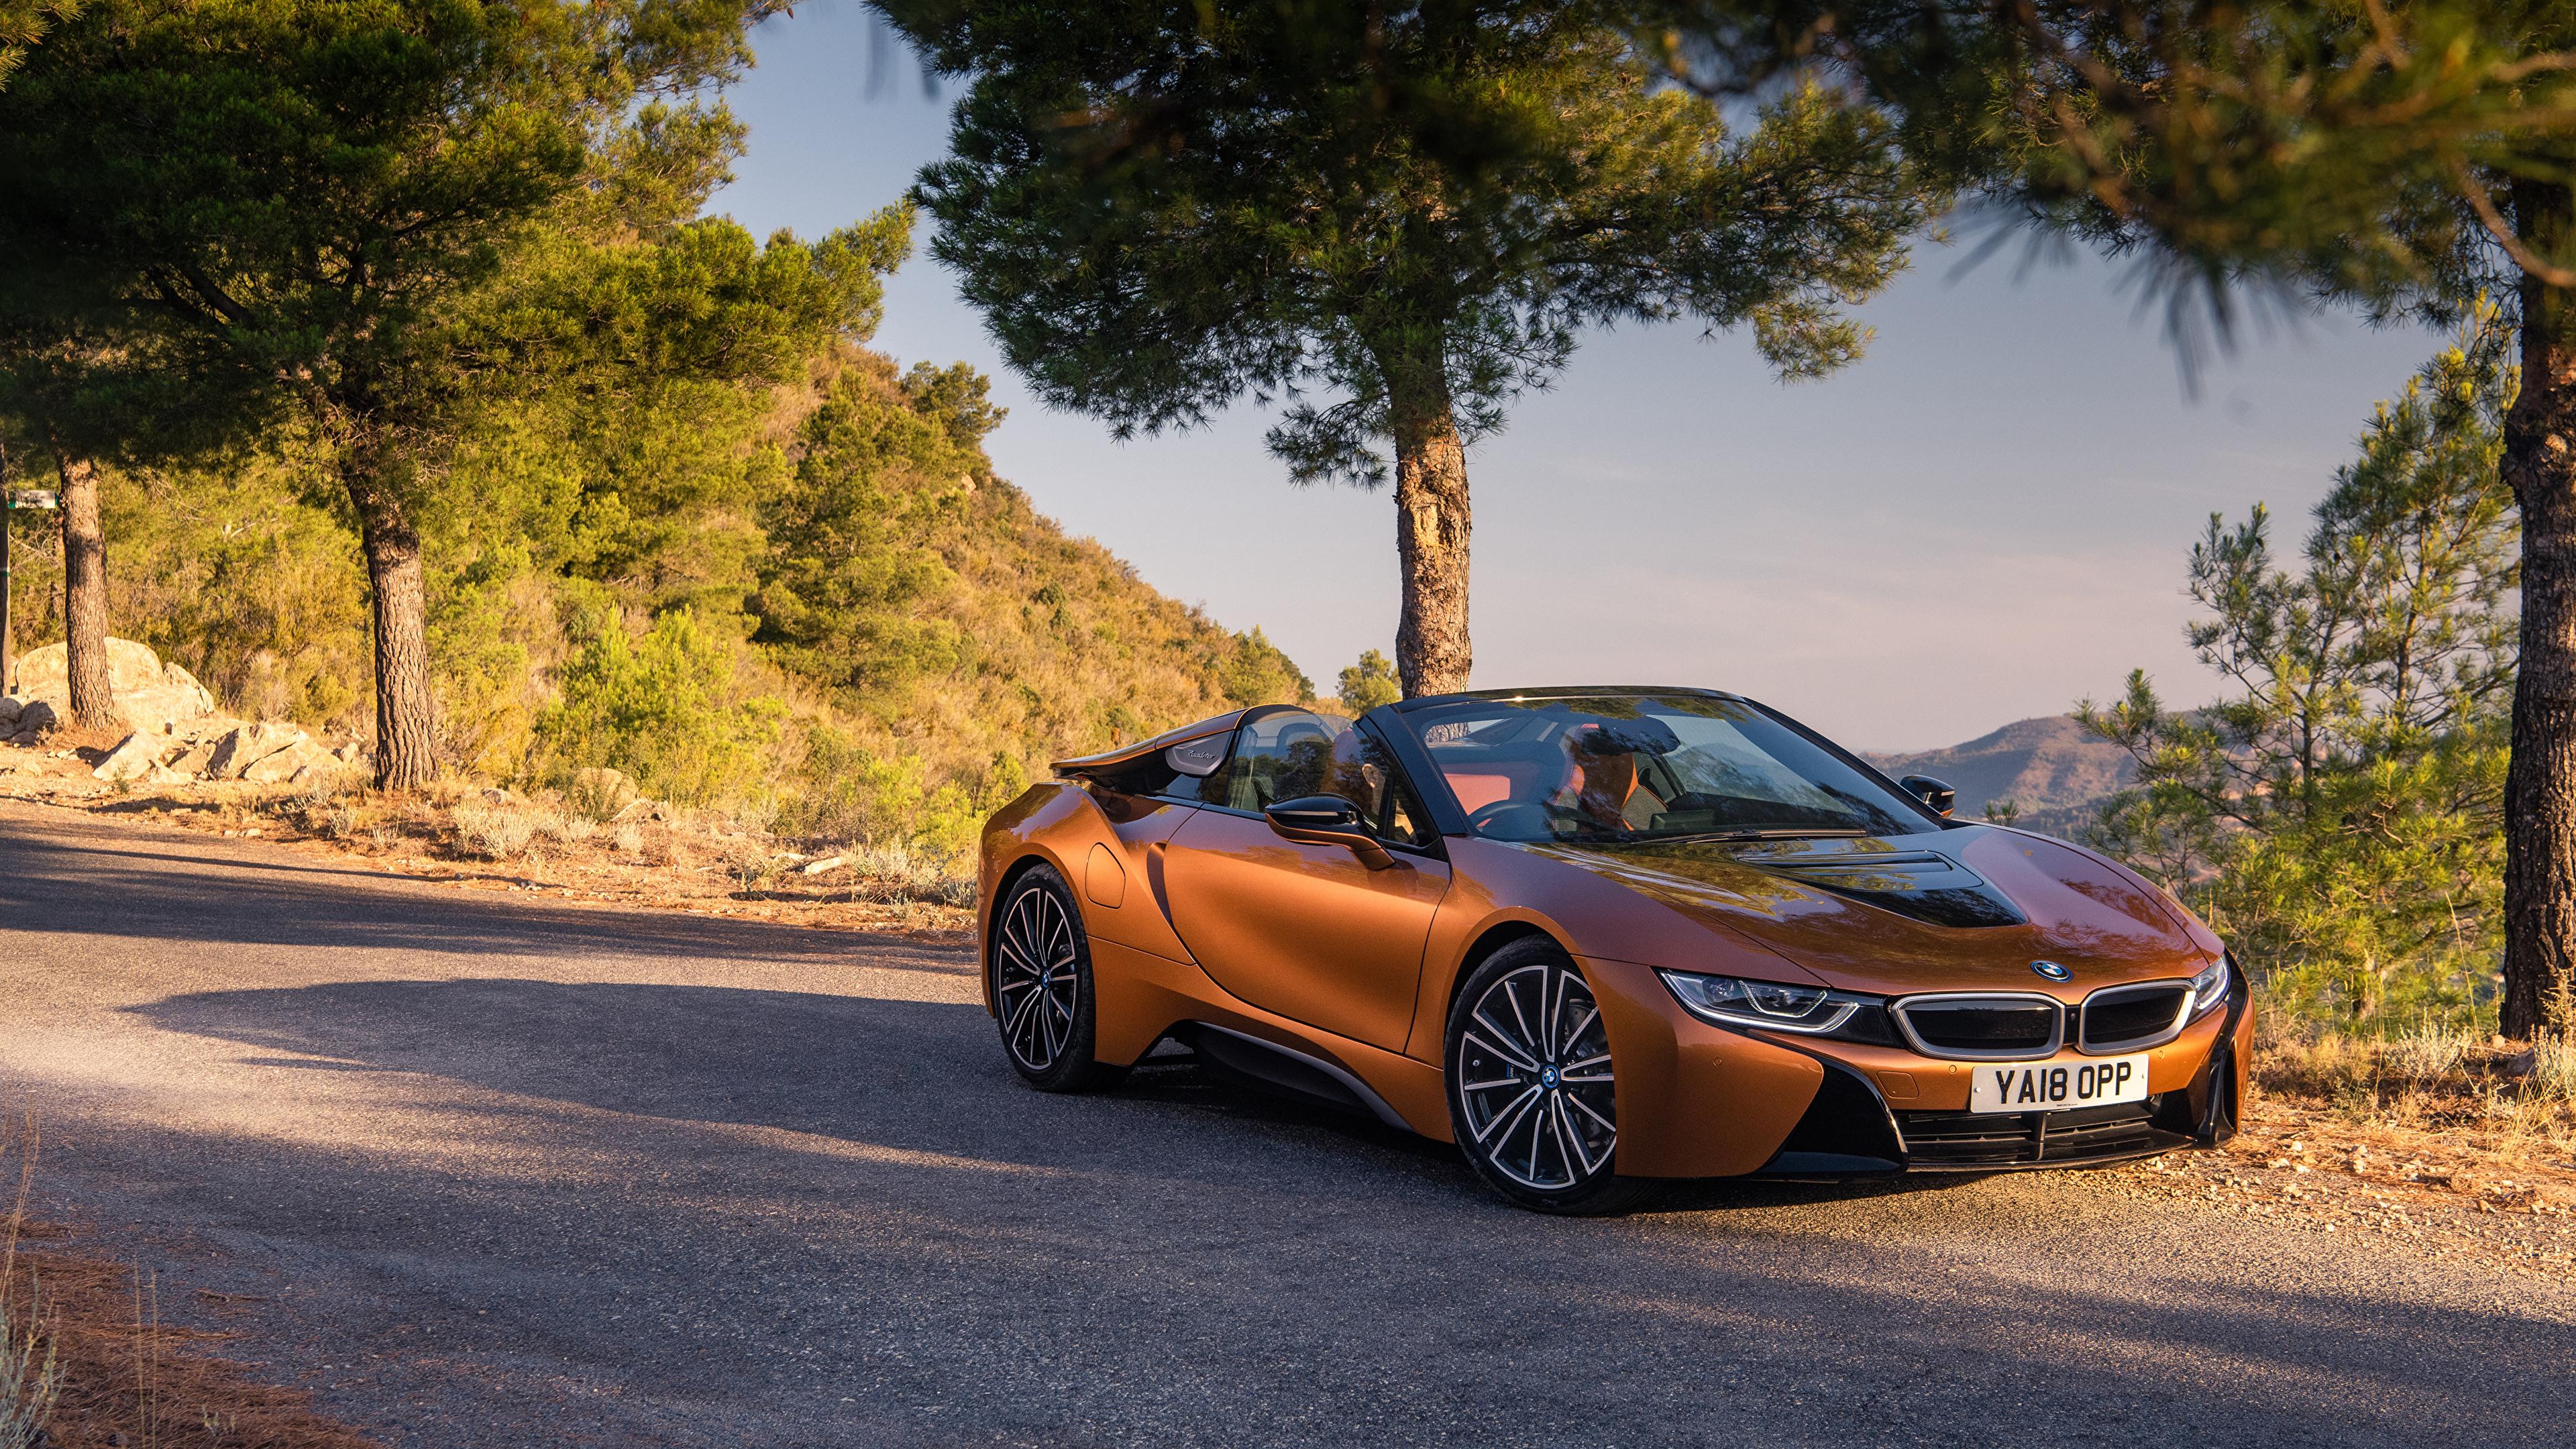 Обои для рабочего стола БМВ 2018 i8 Родстер оранжевых машины 3840x2160 BMW Оранжевый оранжевые оранжевая авто машина автомобиль Автомобили